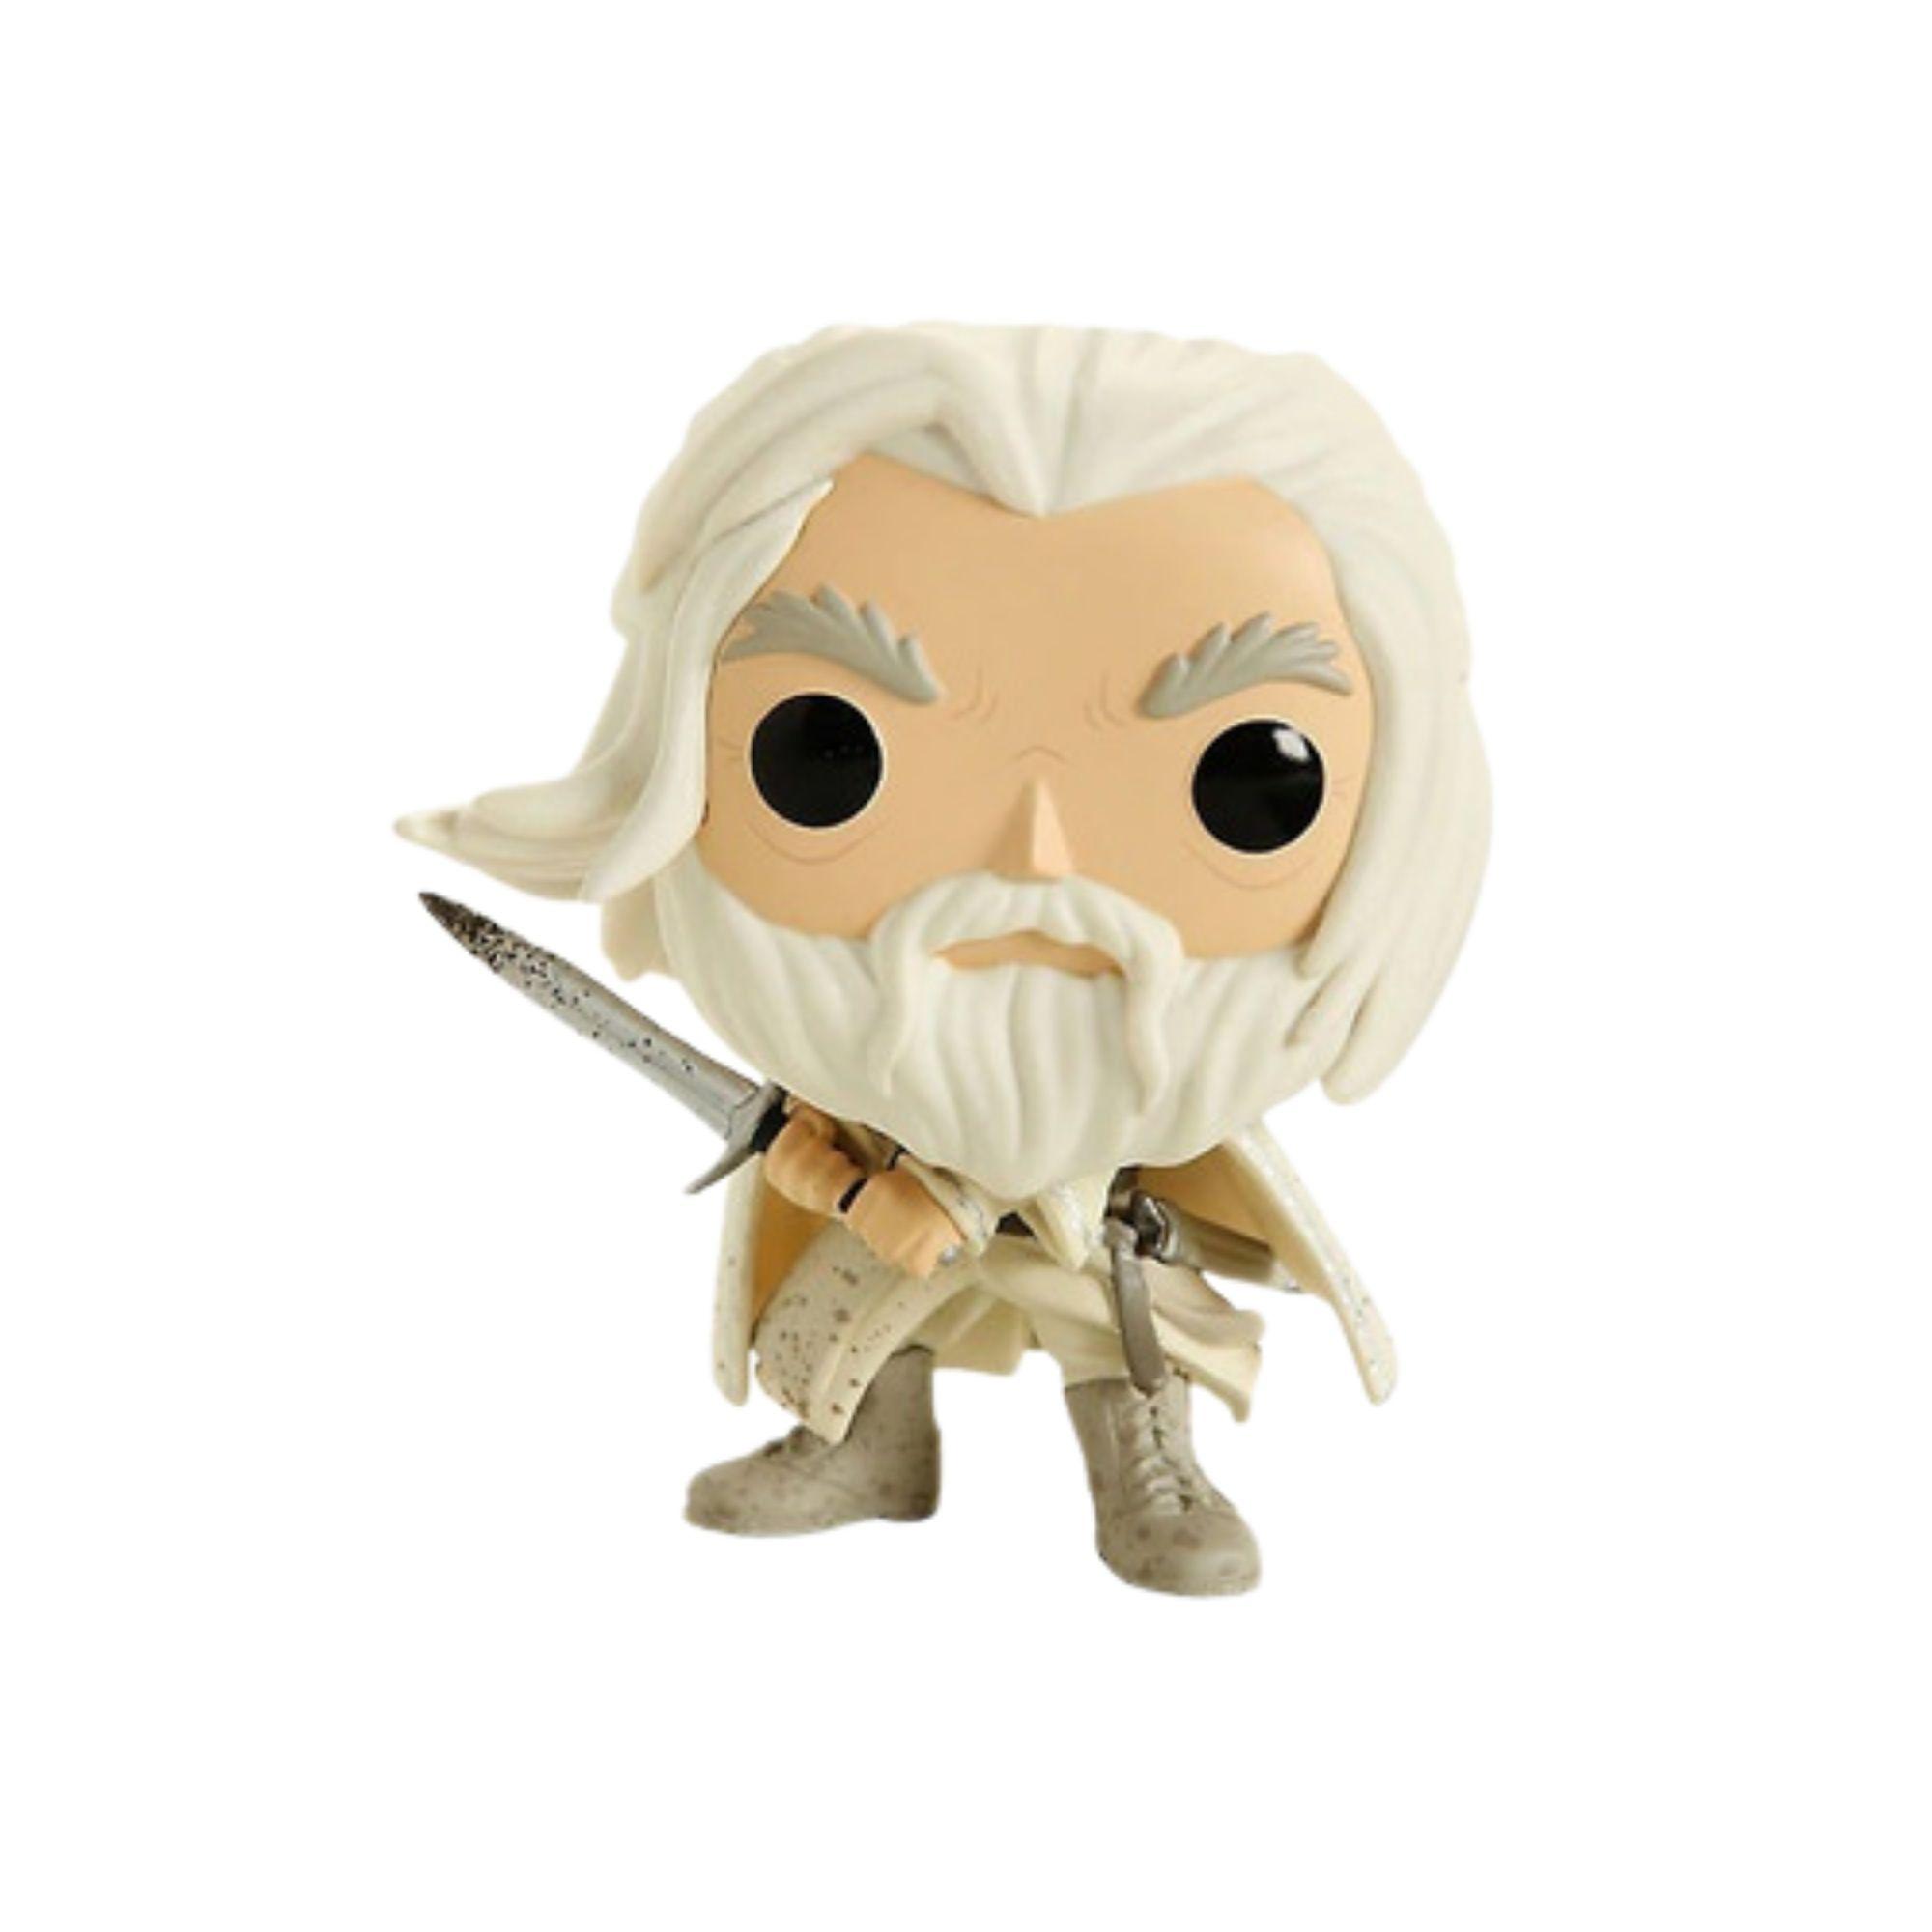 Boneco Funko Pop Senhor dos Anéis Gandalf The White Hot Topic #845  - Game Land Brinquedos